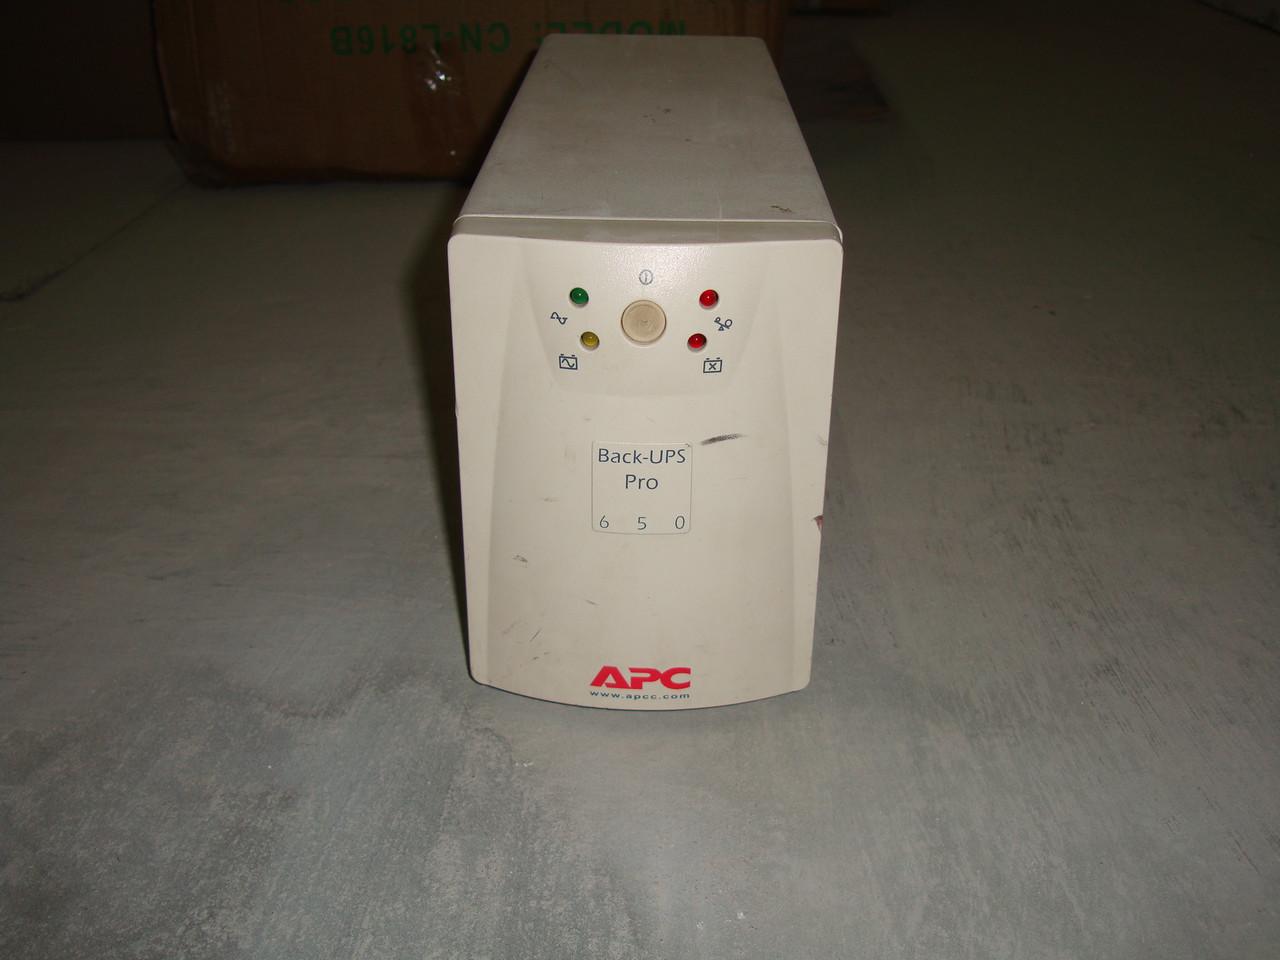 Источник бесперебойного питания ИБП APC Back-UPS 650 на запчасти